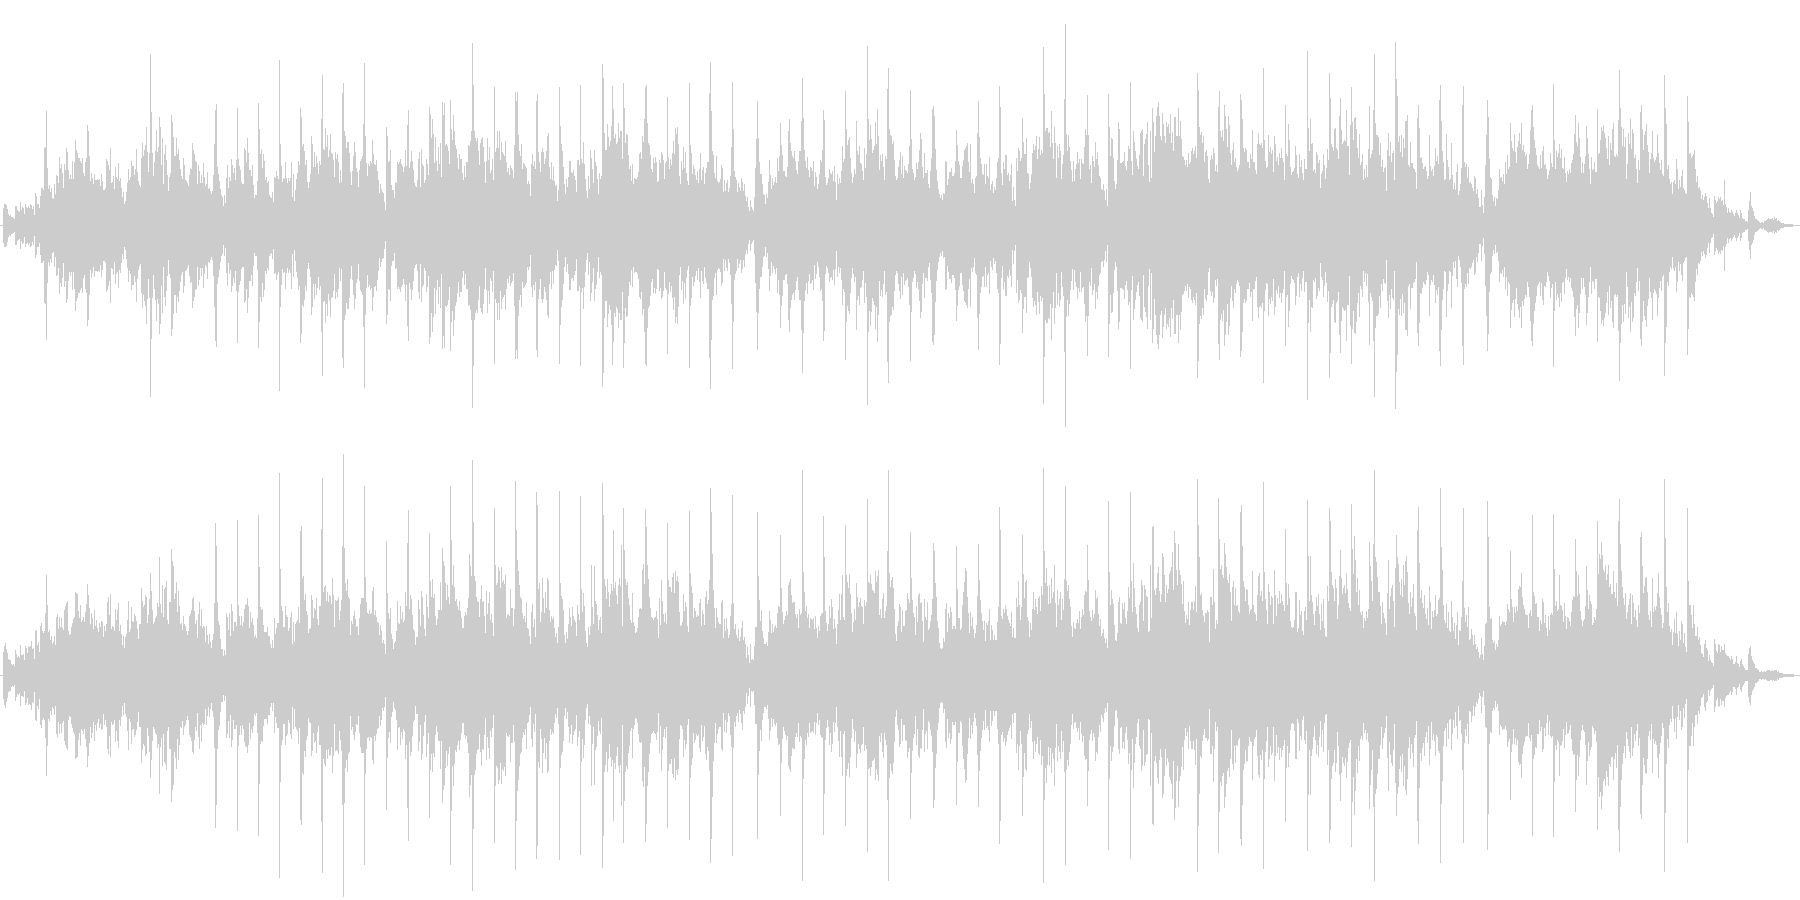 二胡の生演奏による切なくゆったりした曲の未再生の波形